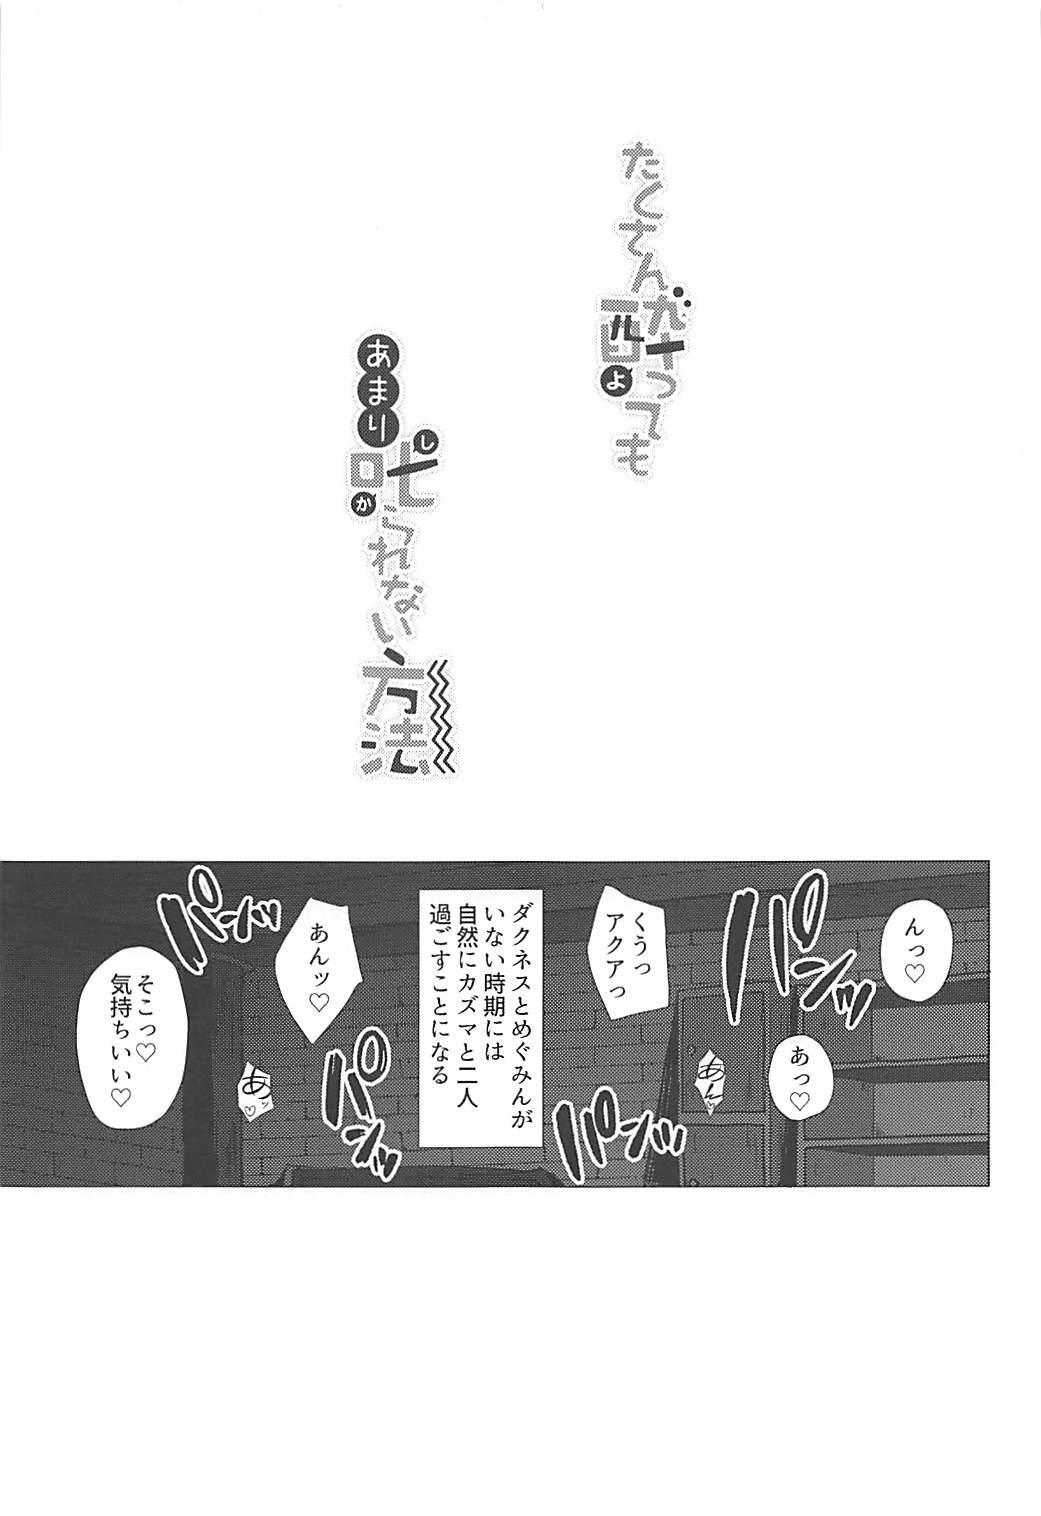 Takusan Yottemo Amari Shikararenai Houhou 1